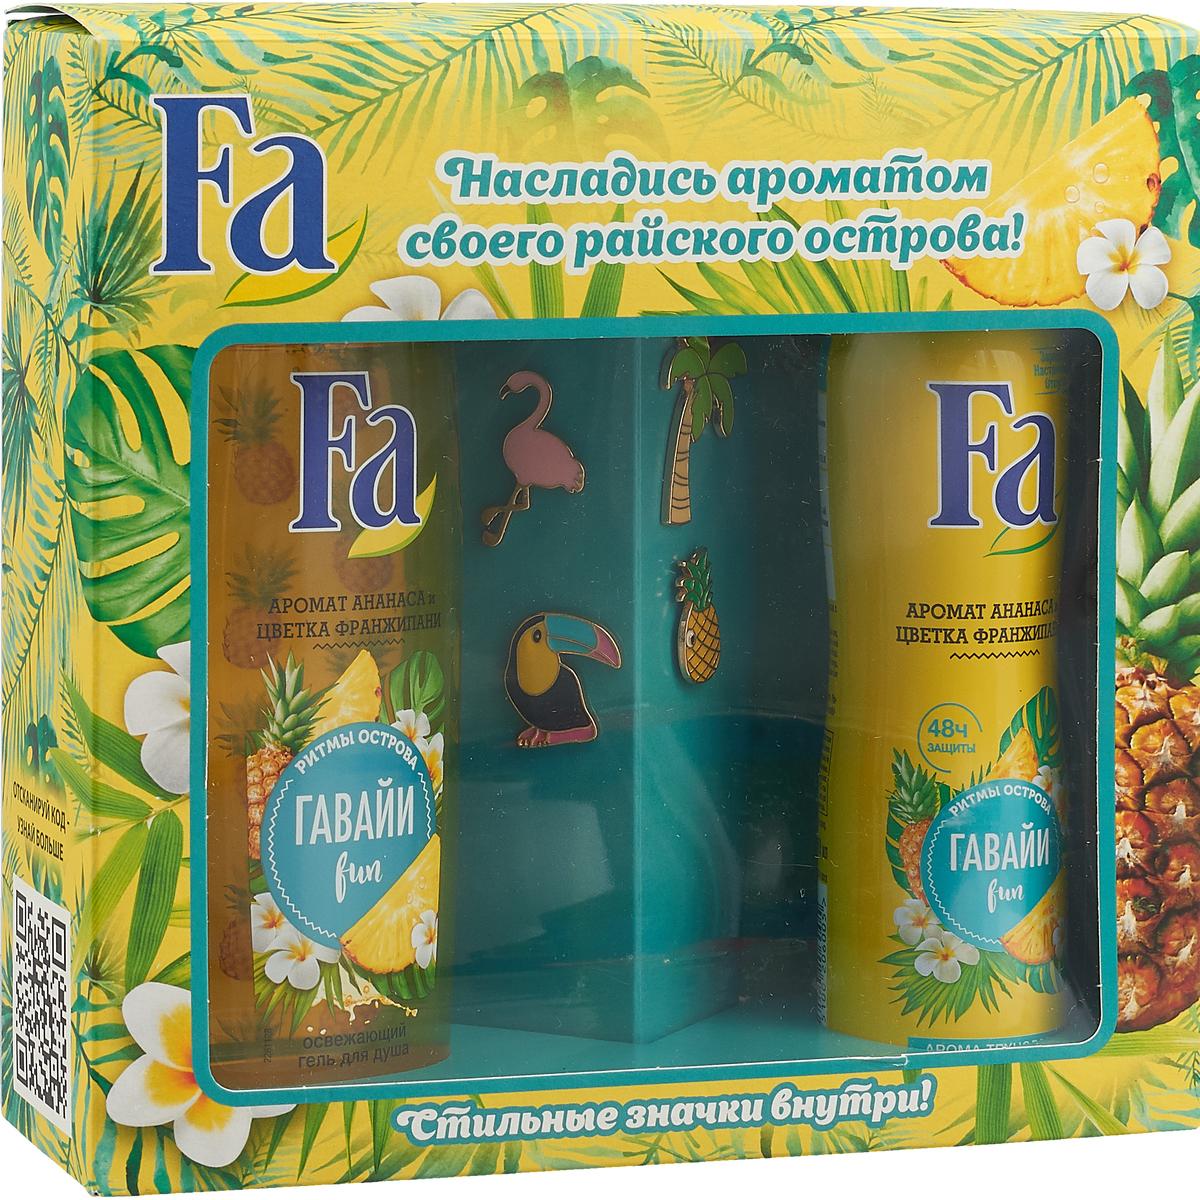 """Набор подарочный Fa """"Ритмы острова Гавайи"""": гель для душа, 250 мл, дезодорант-аэрозоль, 150 мл, значок, 4 шт"""